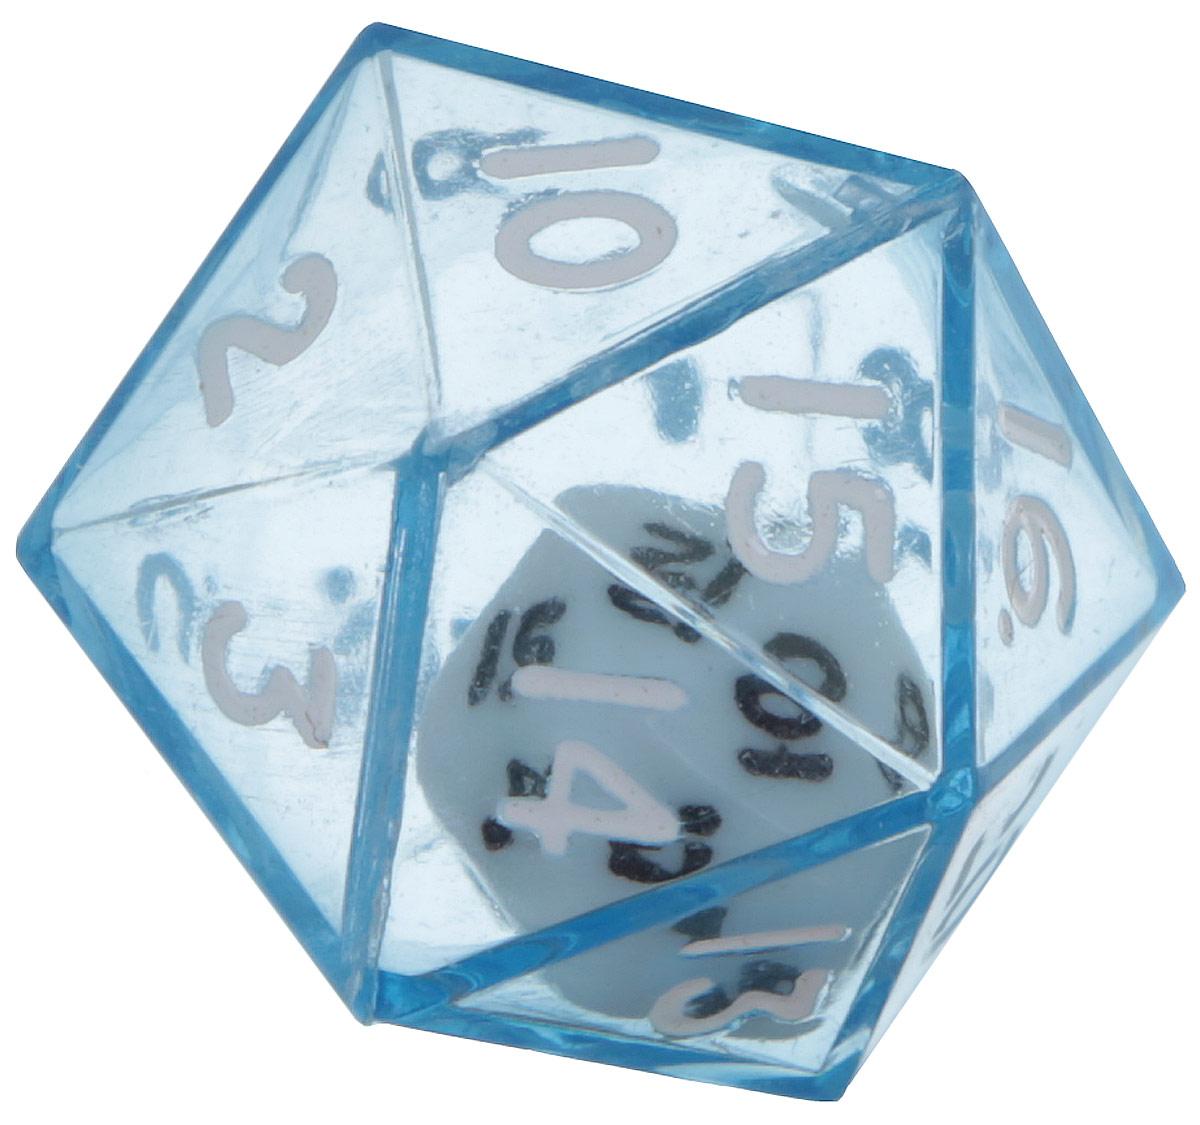 Koplow Games Кость игральная D20 в D20 цвет синий12470_синийИгральная кость D20 в D20 состоит из прозрачной кости D20 с такой же костью внутри. На каждую треугольную грань игральной кости нанесены числа числа от 1 до 20. Целью игральной кости является демонстрация случайно определенного числа, каждое из которых является равновозможным благодаря правильной геометрической форме. Игральная кость выполнены из прочного пластика. Не рекомендуется детям до 3-х лет.